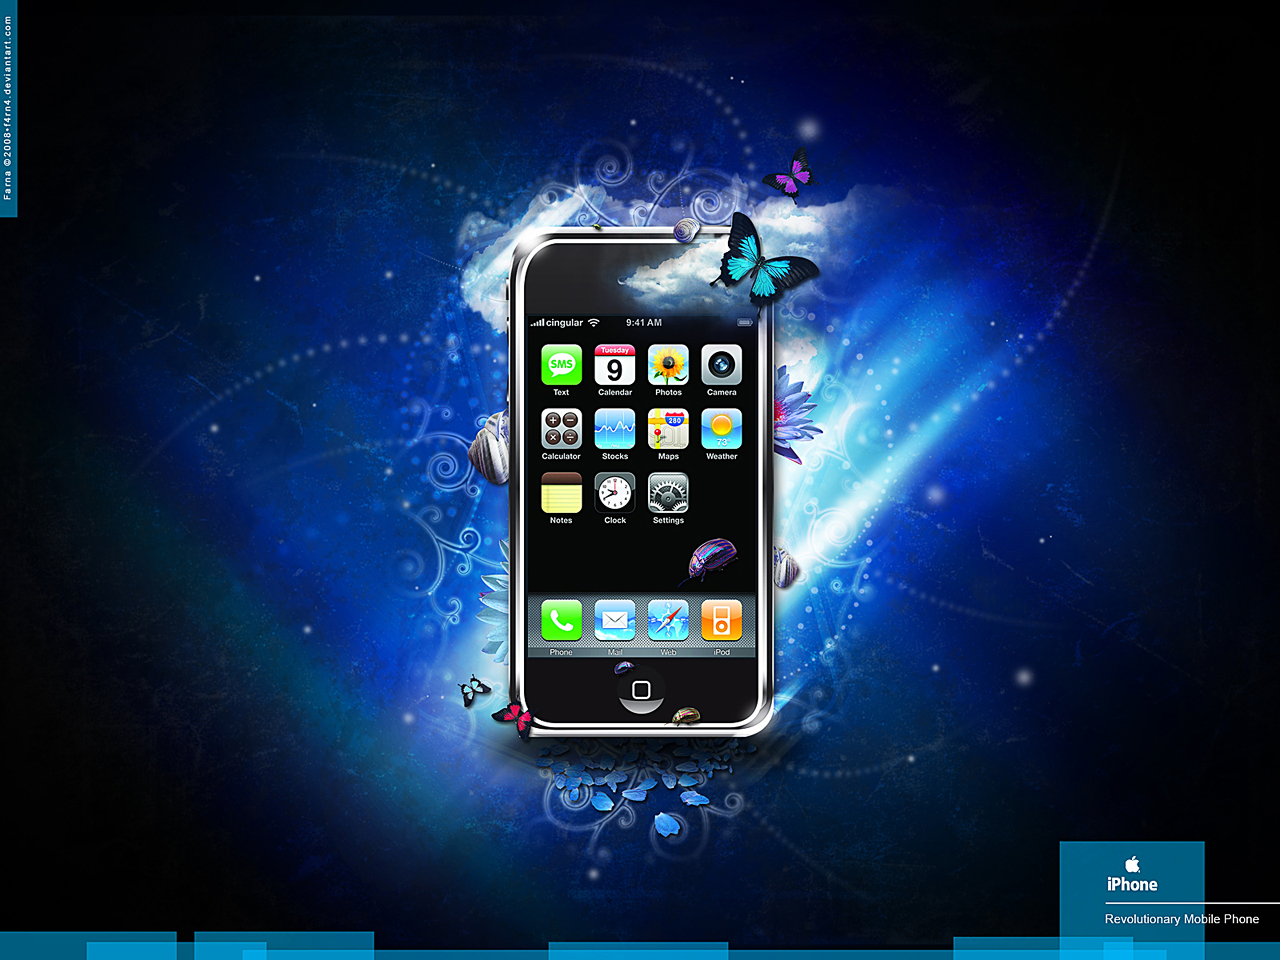 http://2.bp.blogspot.com/-5oLPb-tYHeE/UEHqU7RVFMI/AAAAAAAADUg/Nia02tyBKMY/s1600/iphone-free-wallpaper-3.jpg